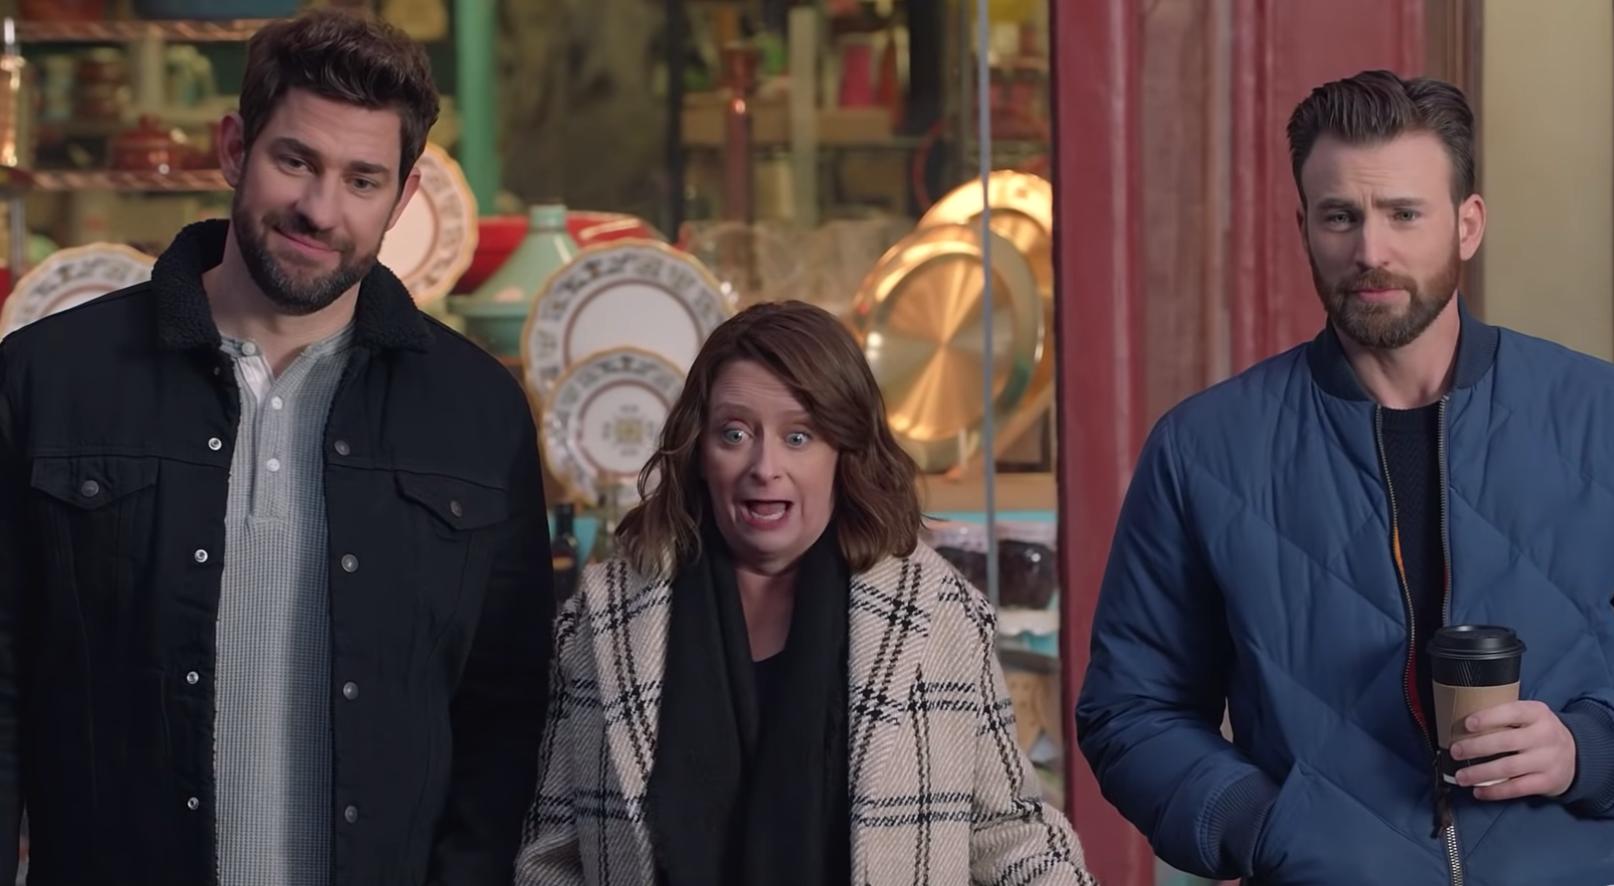 Chris Evans And John Krasinski Go Full Bostonian In Hyundai's Wicked Funny Super Bowl Commercial